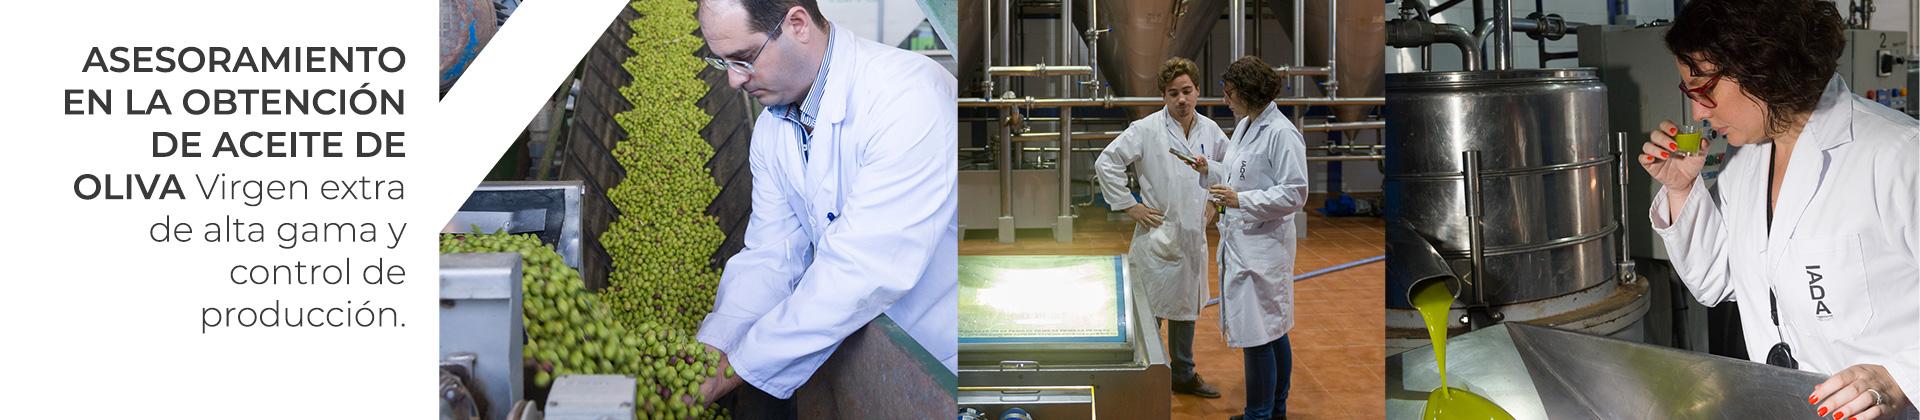 Asesoramiento en la obtención de aceite de oliva virgen extra de alta gama y control de producción.